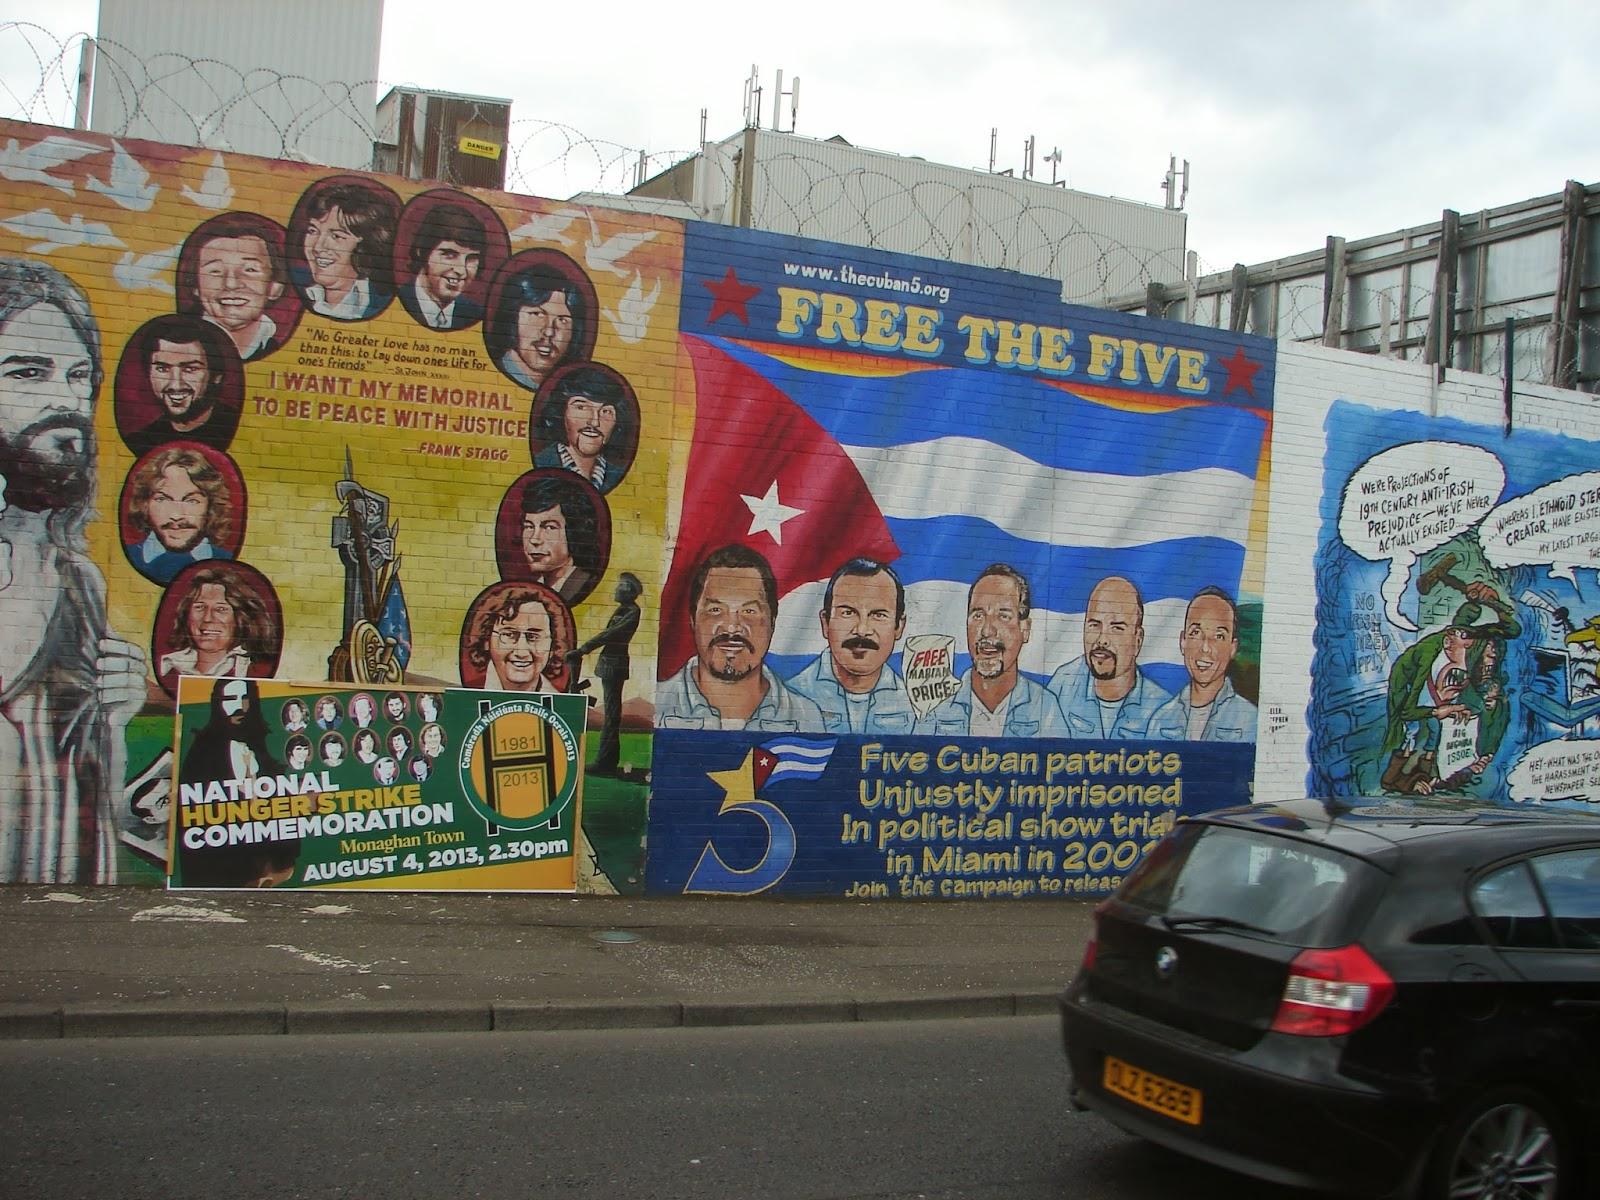 Detalle dalgúns murais: o da esquerda lembrando a conmemoración das folgas de fame (de membros do IRA); o segundo de cinco cubanos retidos en Miami na década anterior (XMLS)